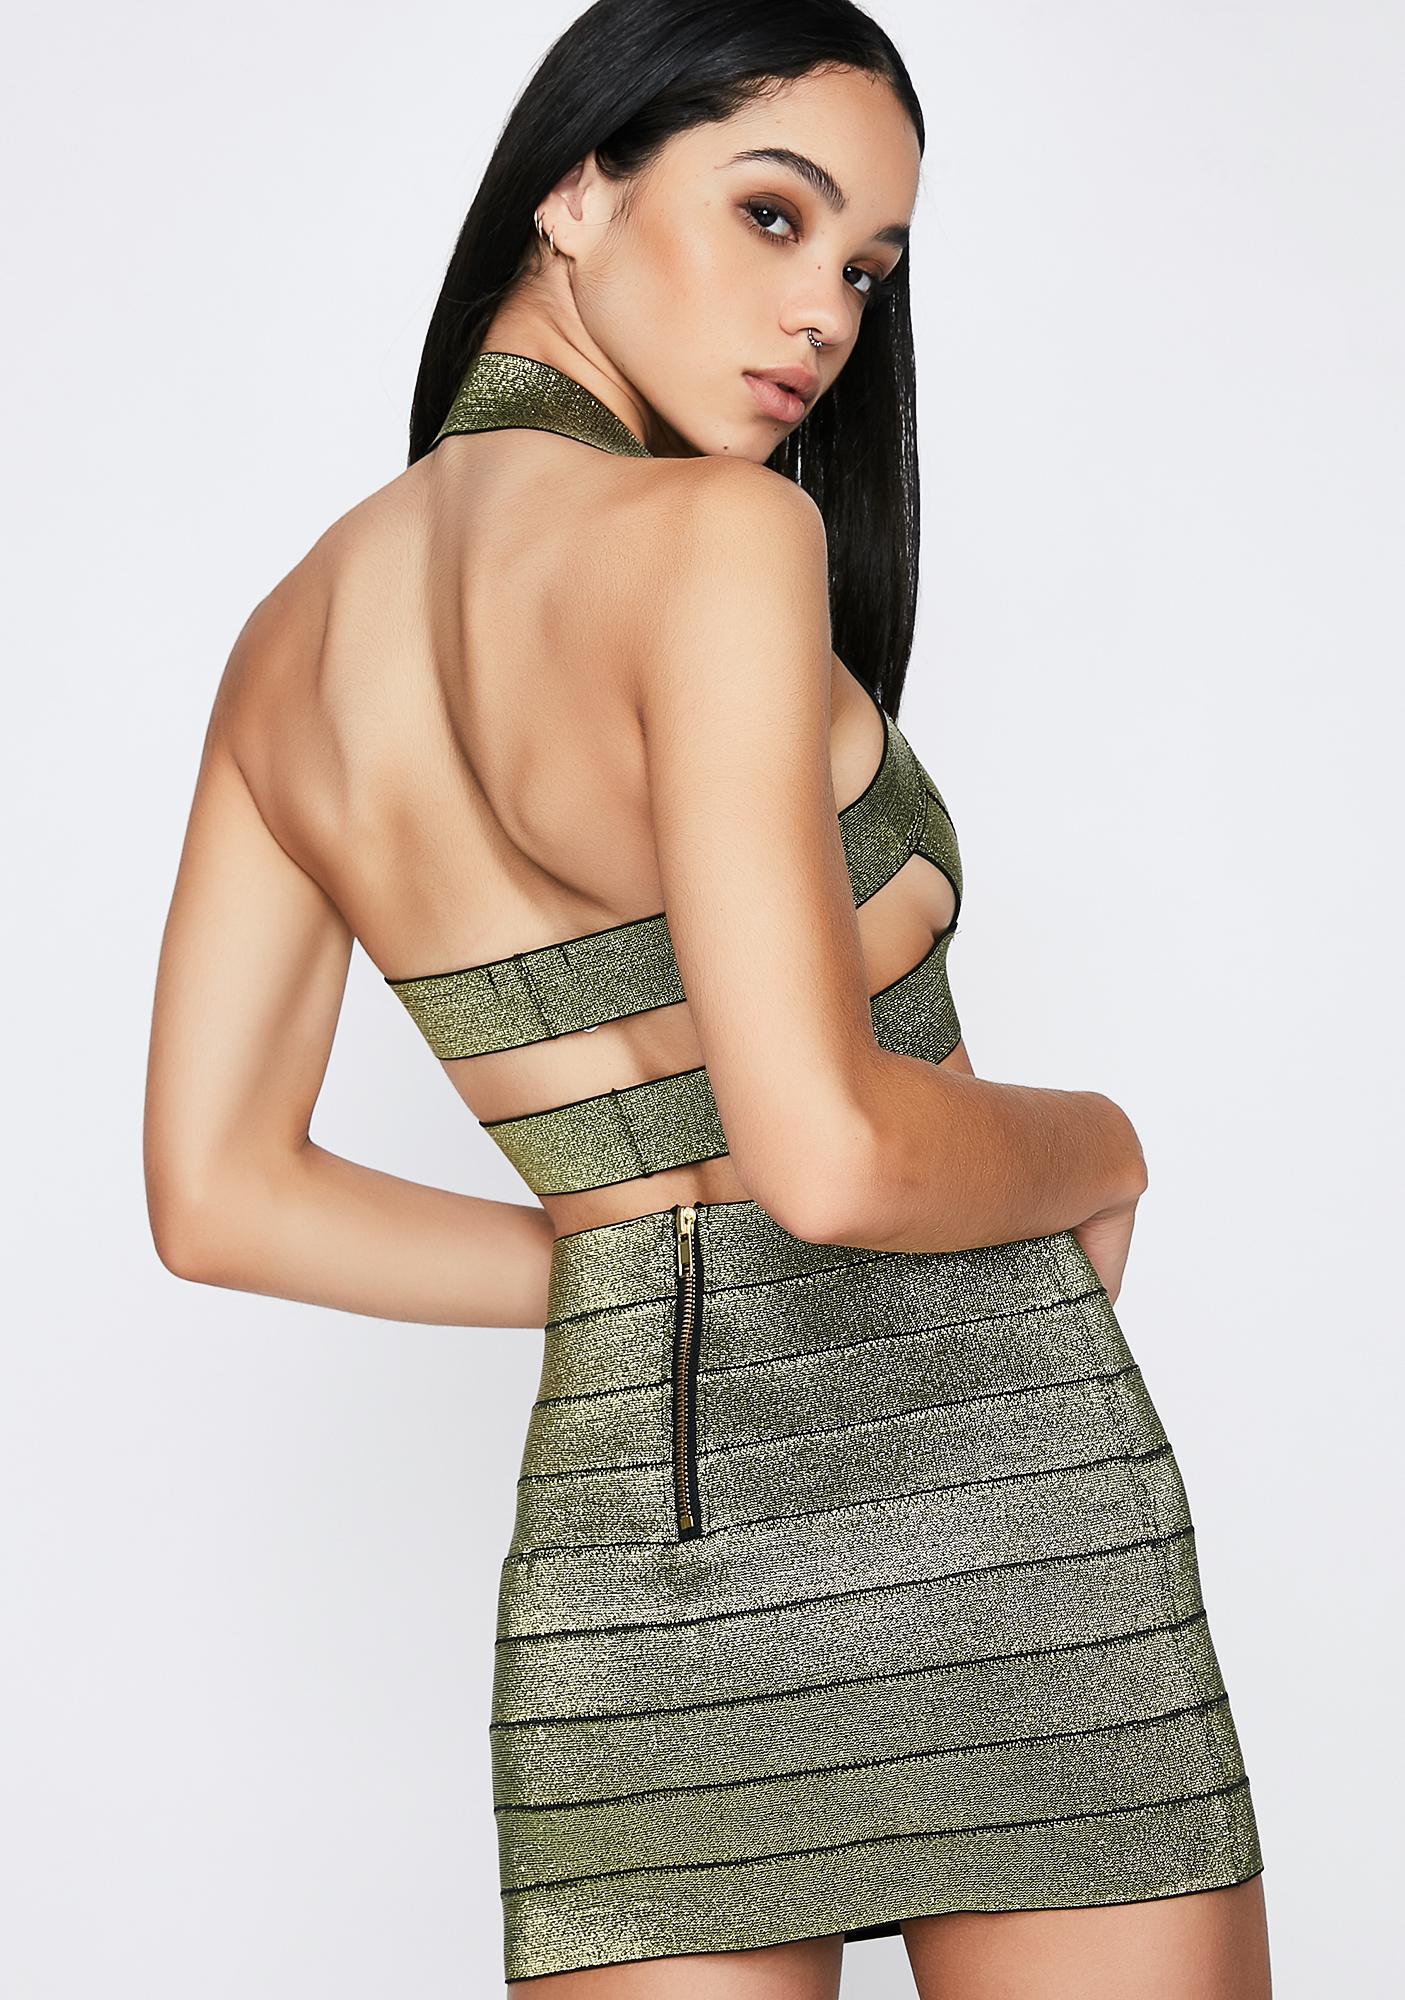 Poster Grl Winning Babe Mini Skirt